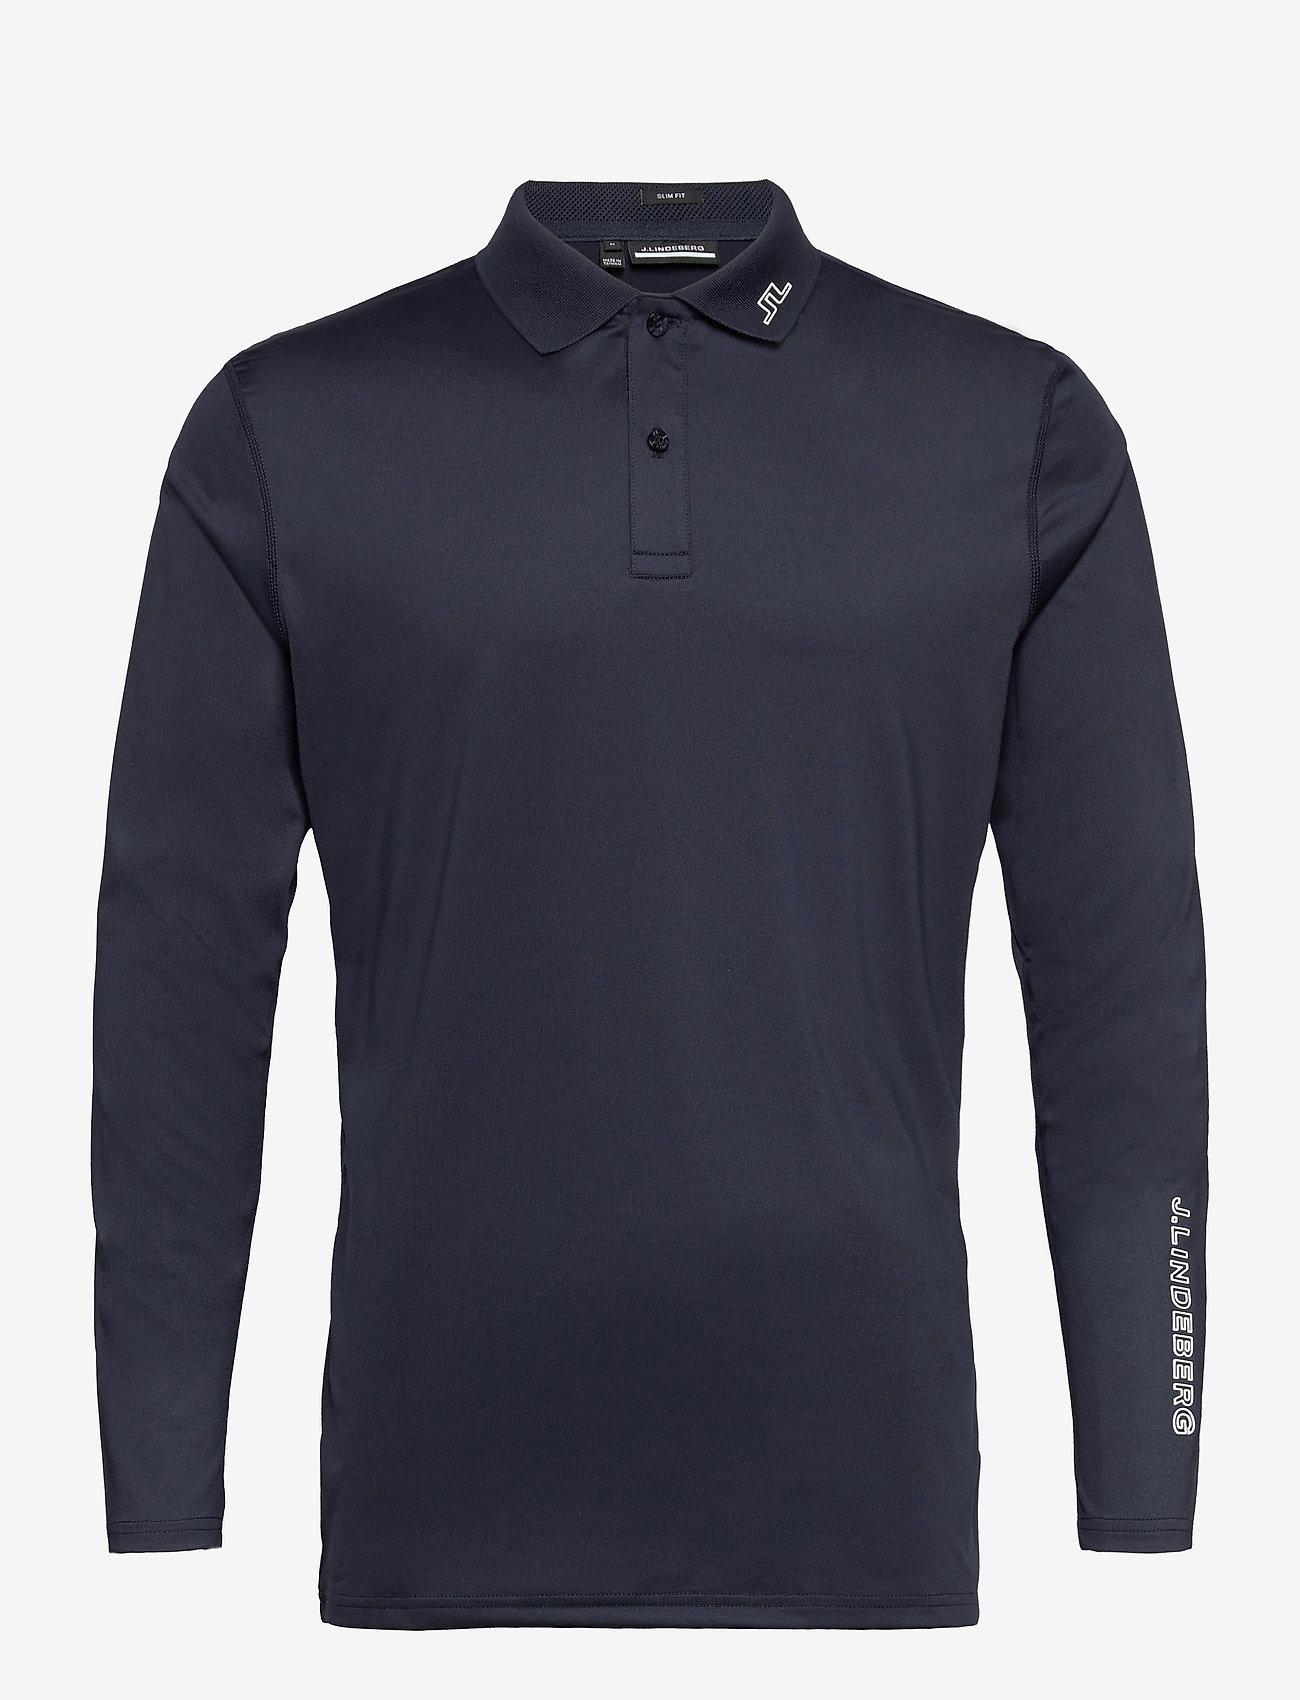 J. Lindeberg Golf - Jakob Slim Fit LS Golf Polo - langärmelig - jl navy - 1